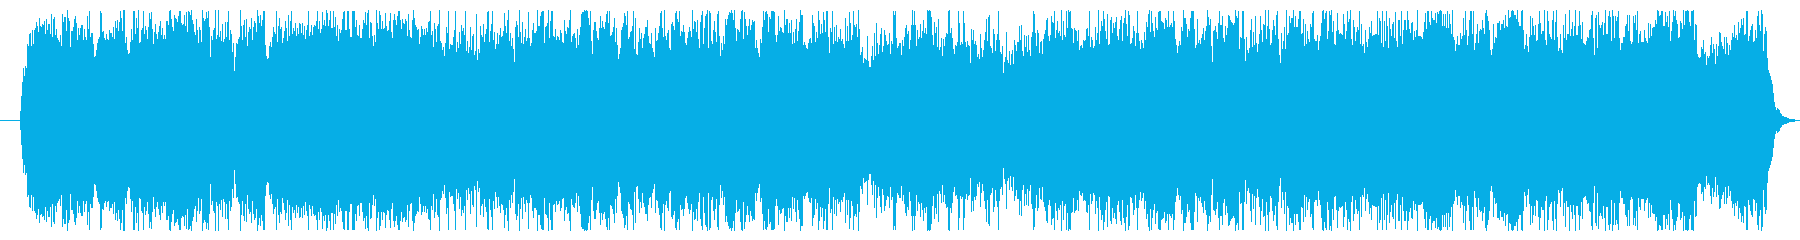 ピアノをメインに悲しいサウンドに仕上げ…の再生済みの波形